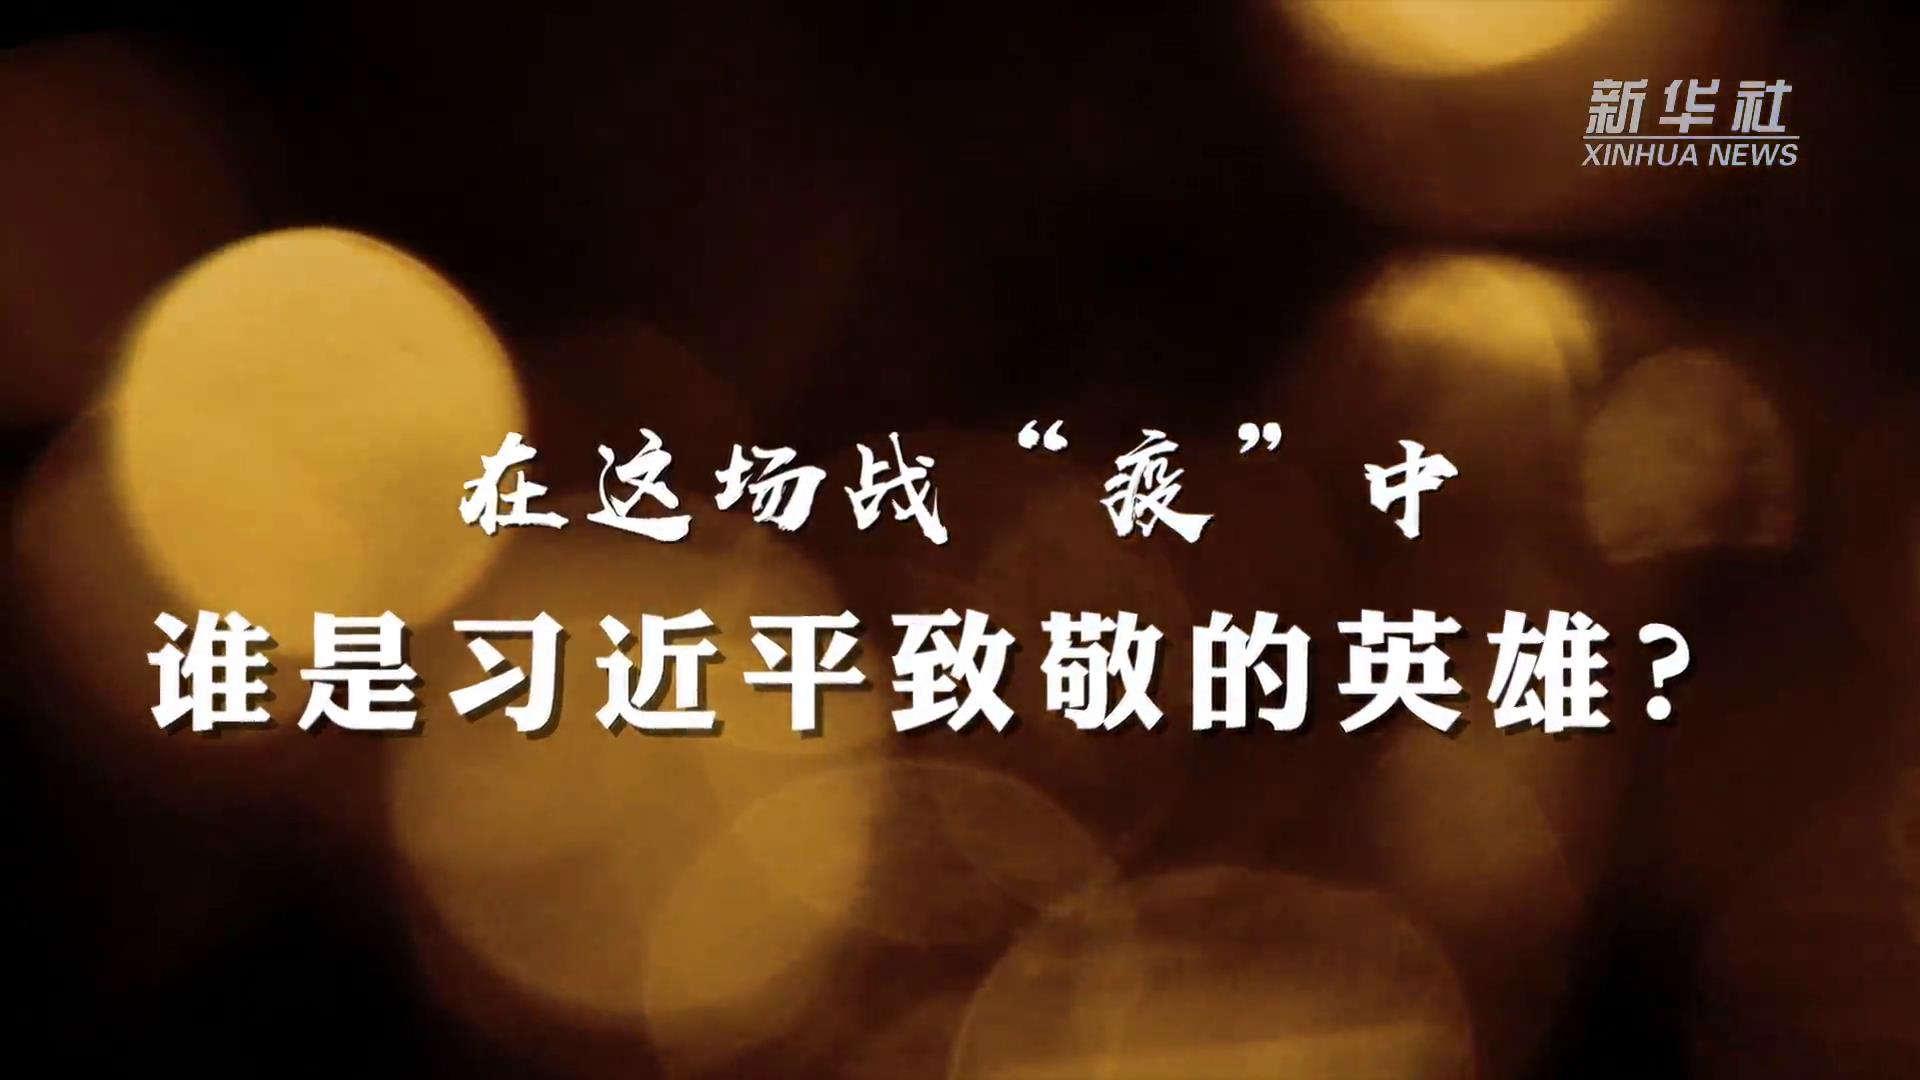 习近平致敬的这些英雄[封面图].jpg